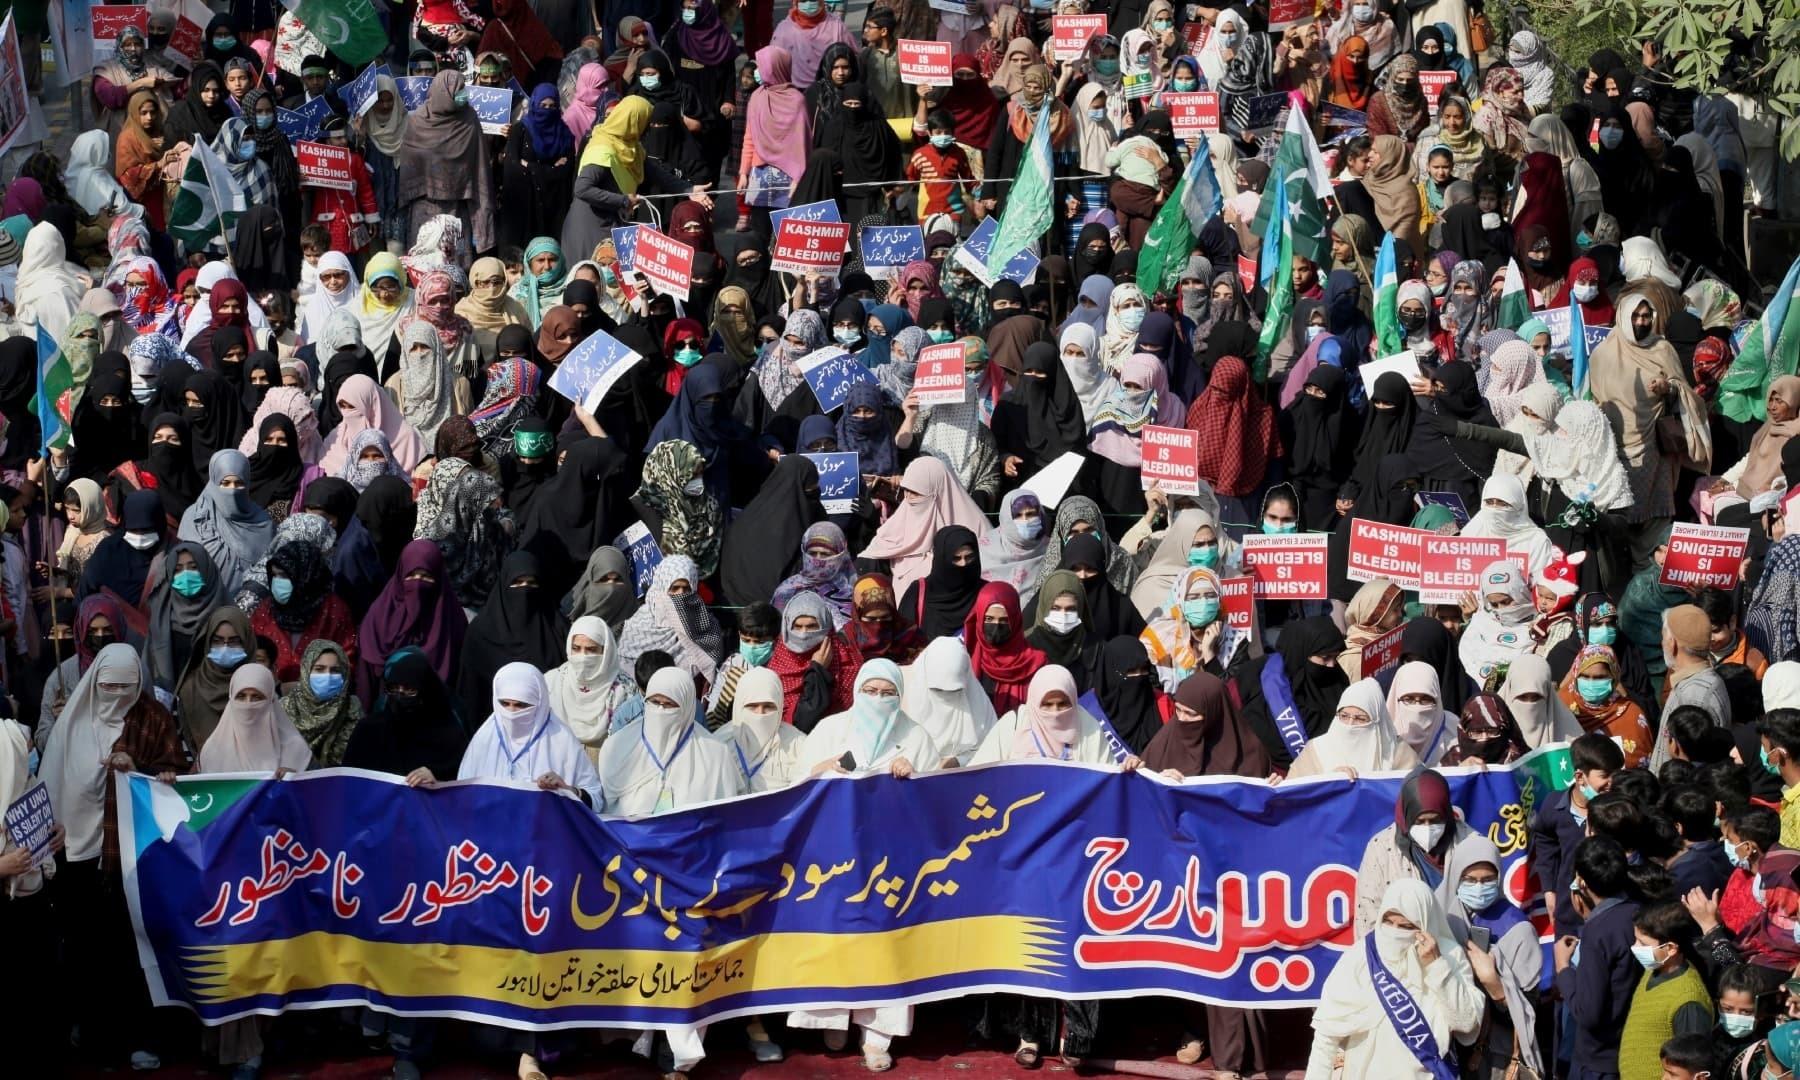 جماعت اسلامی کی جانب سے لاہور میں خواتین کی  ریلی کا بھی انعقاد کیا گیا تھا—فوٹو: اے ایف پی